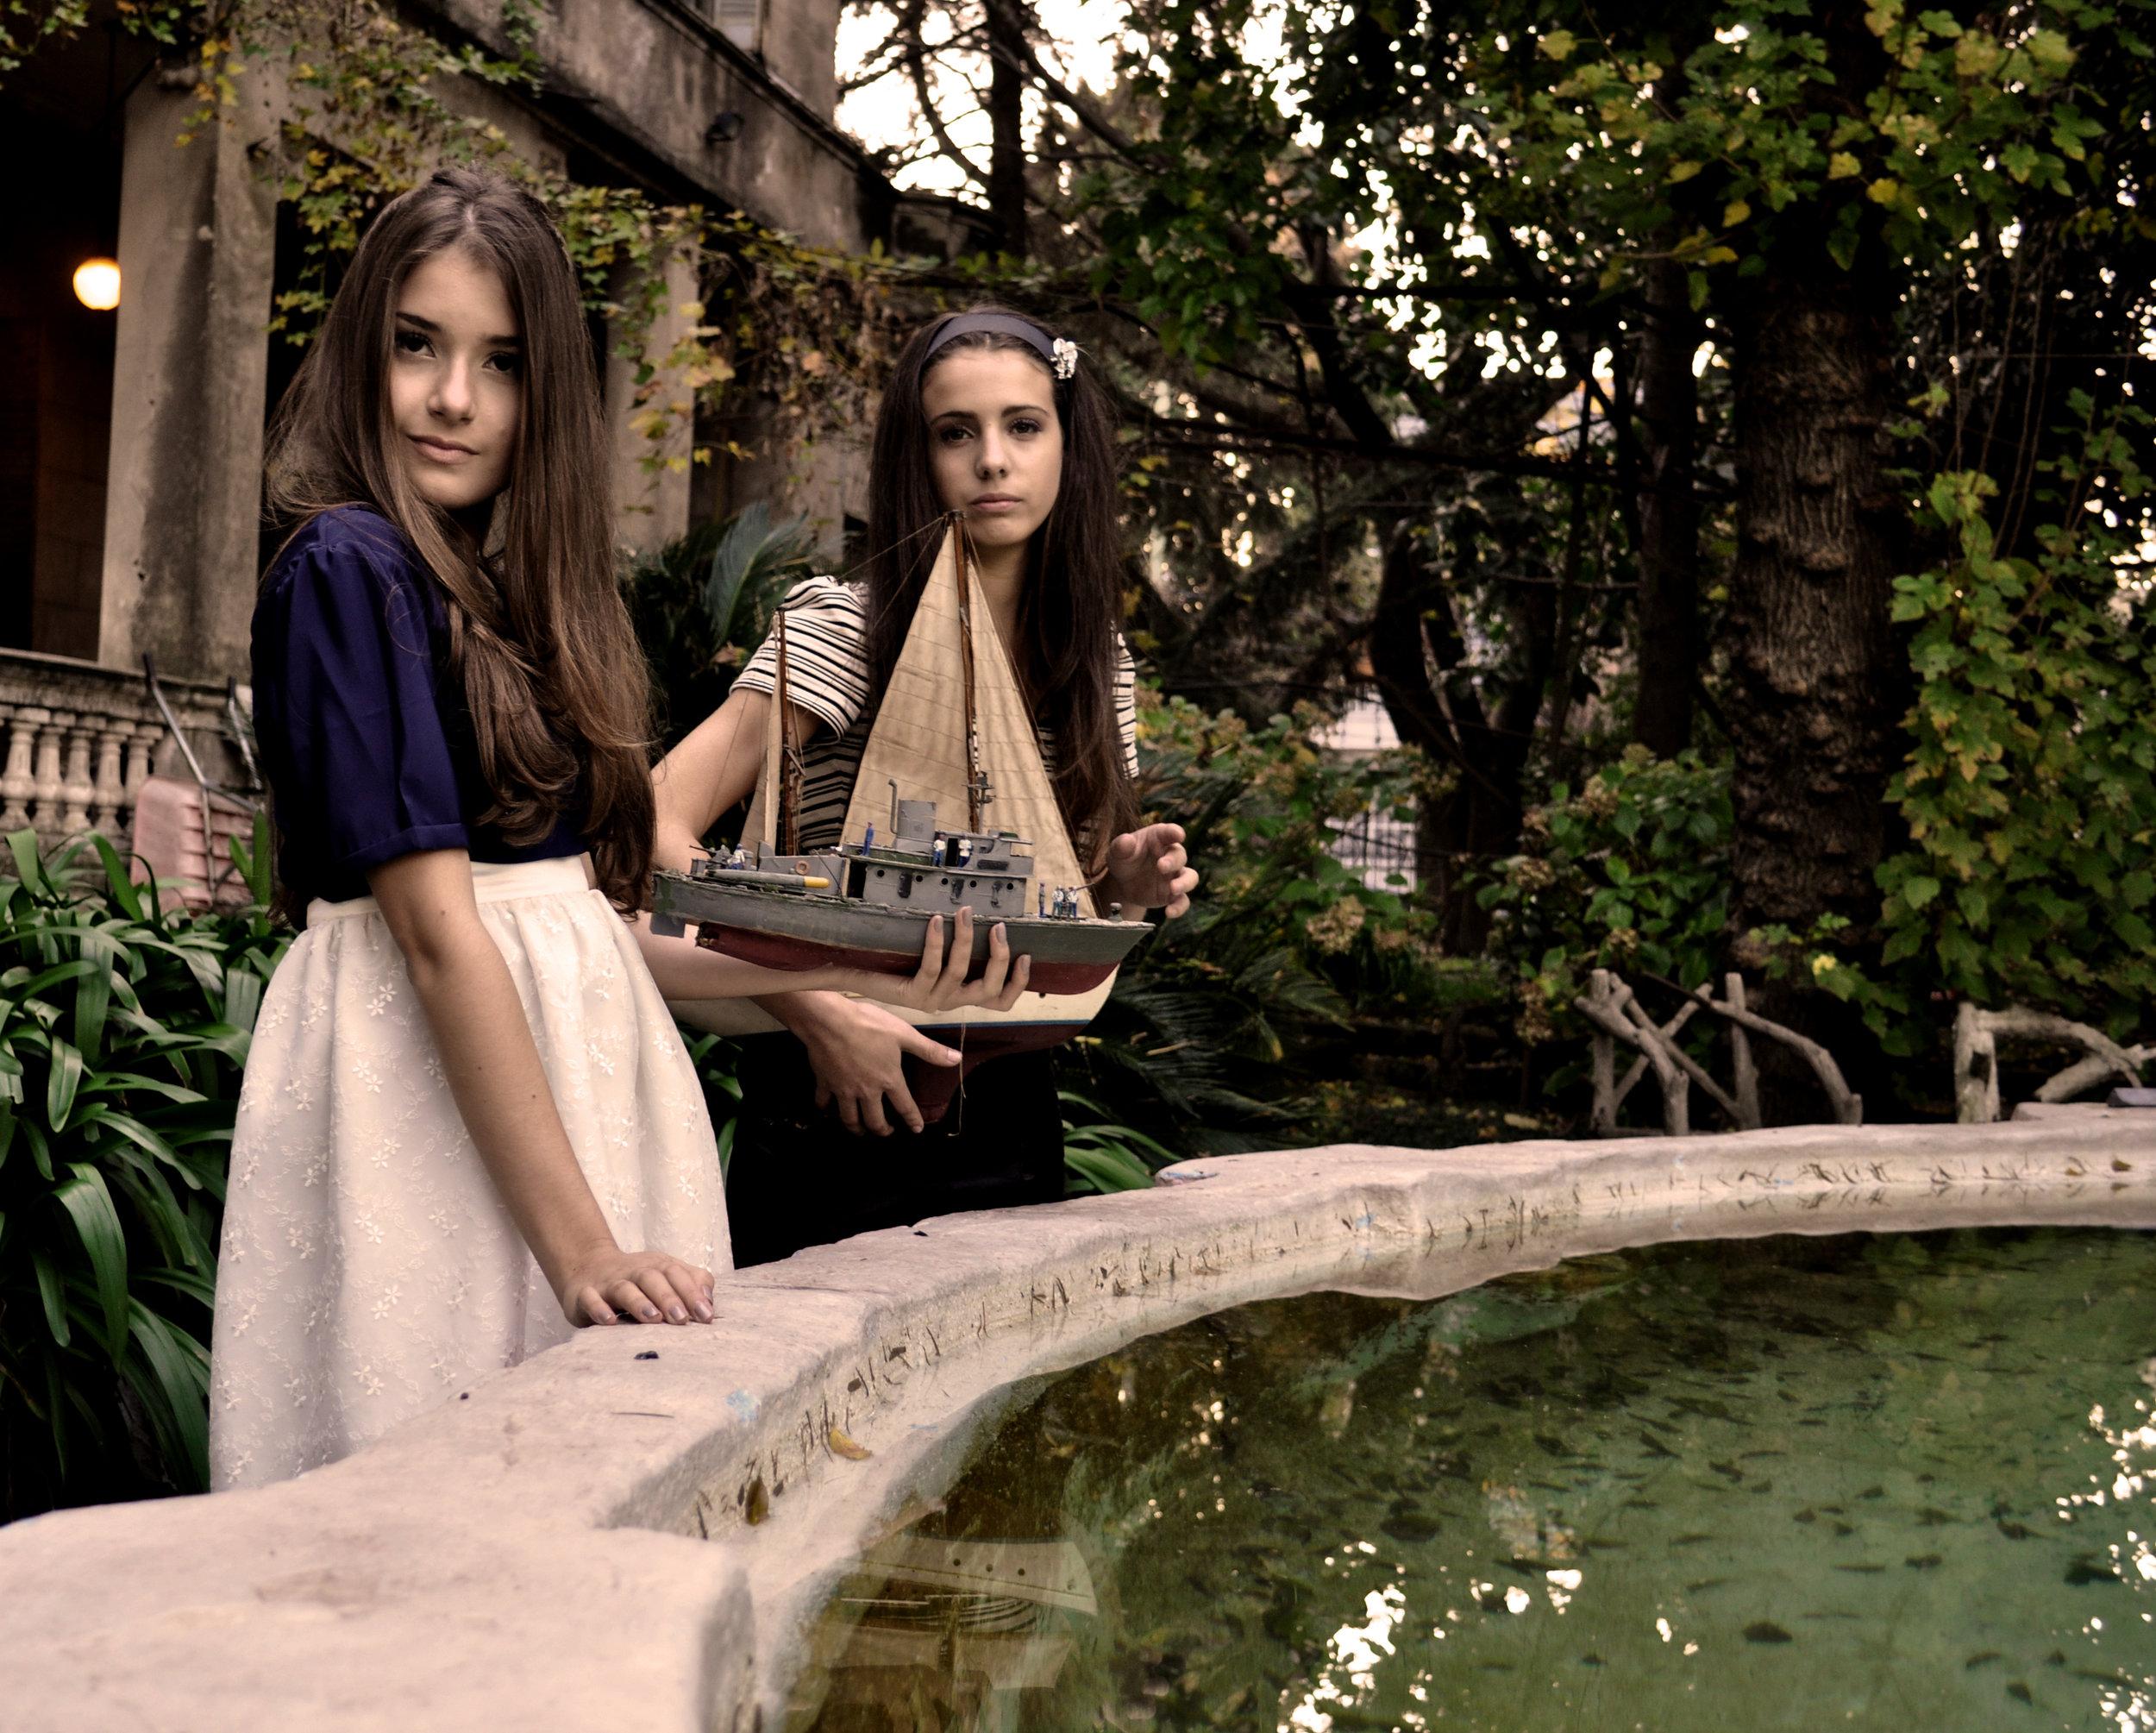 Nuestra Primer Campaña: Vale mi hermana Y Lui Darthes de modelos, foto por Flor Macedonio